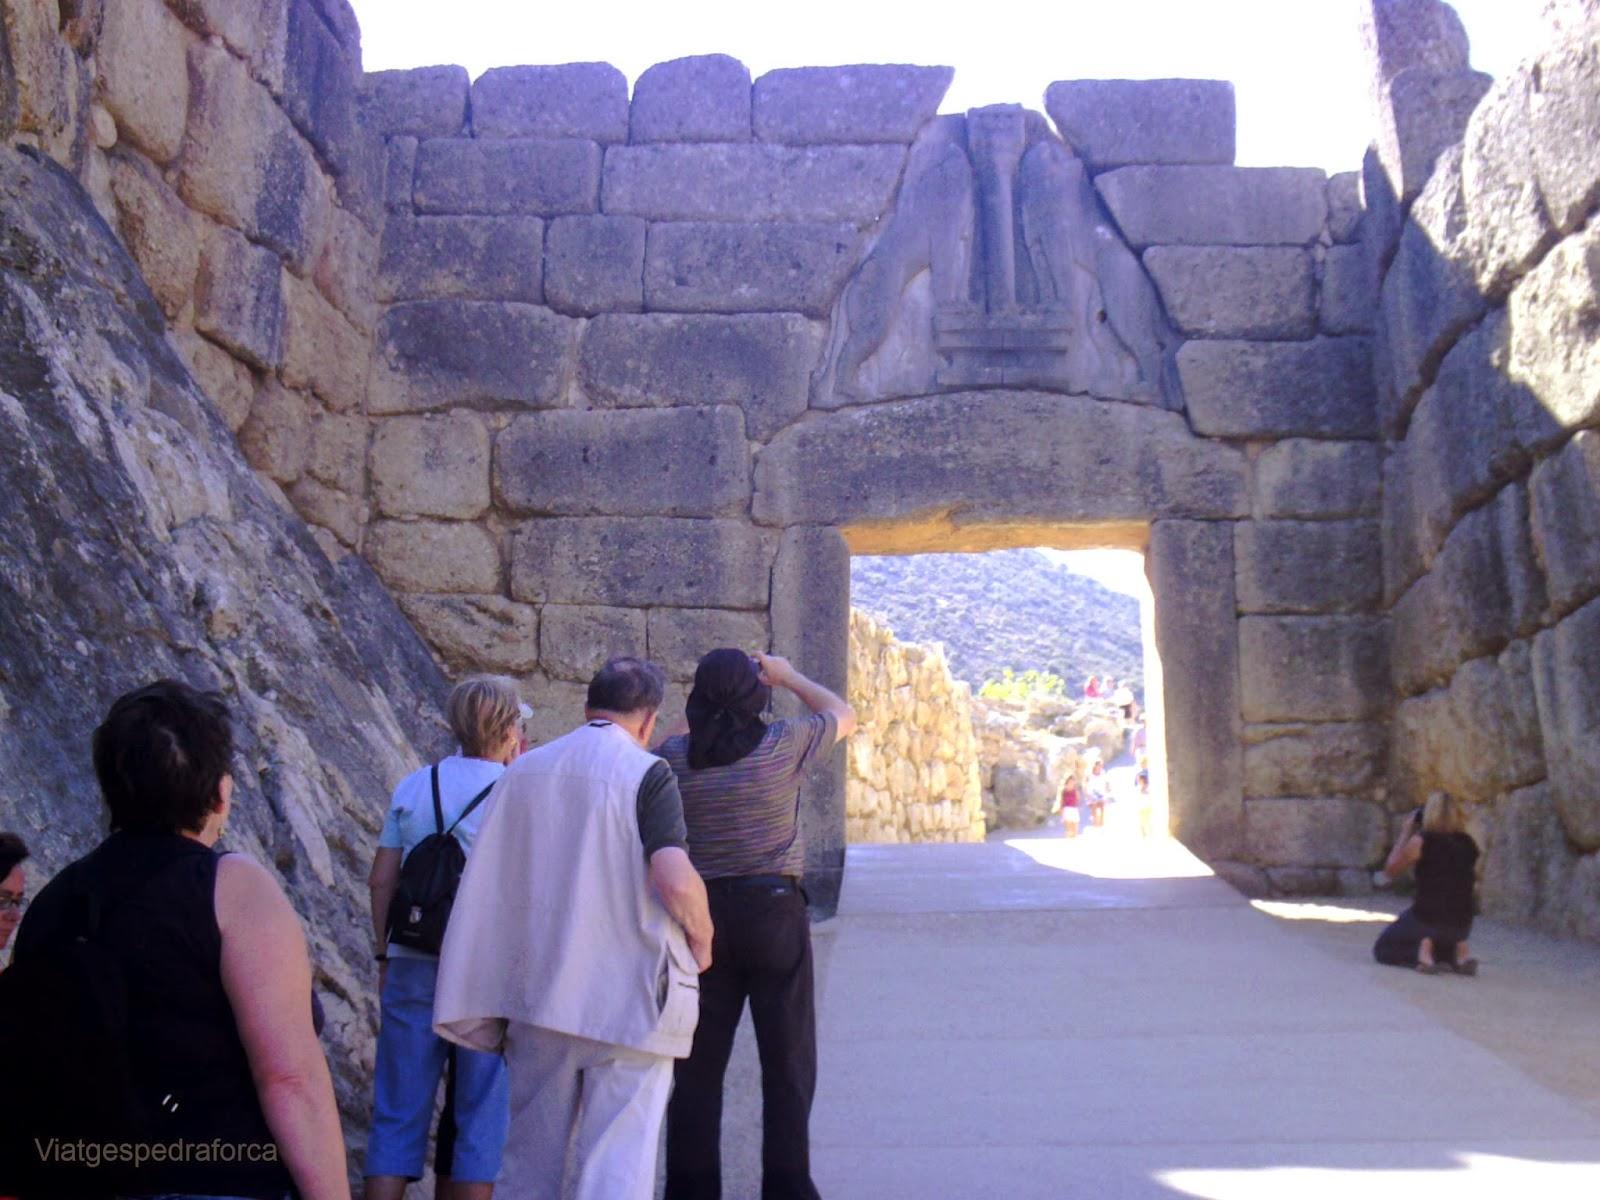 Micenes, Porta dels Lleons, Grècia, Peloponès, Civilització Micènica